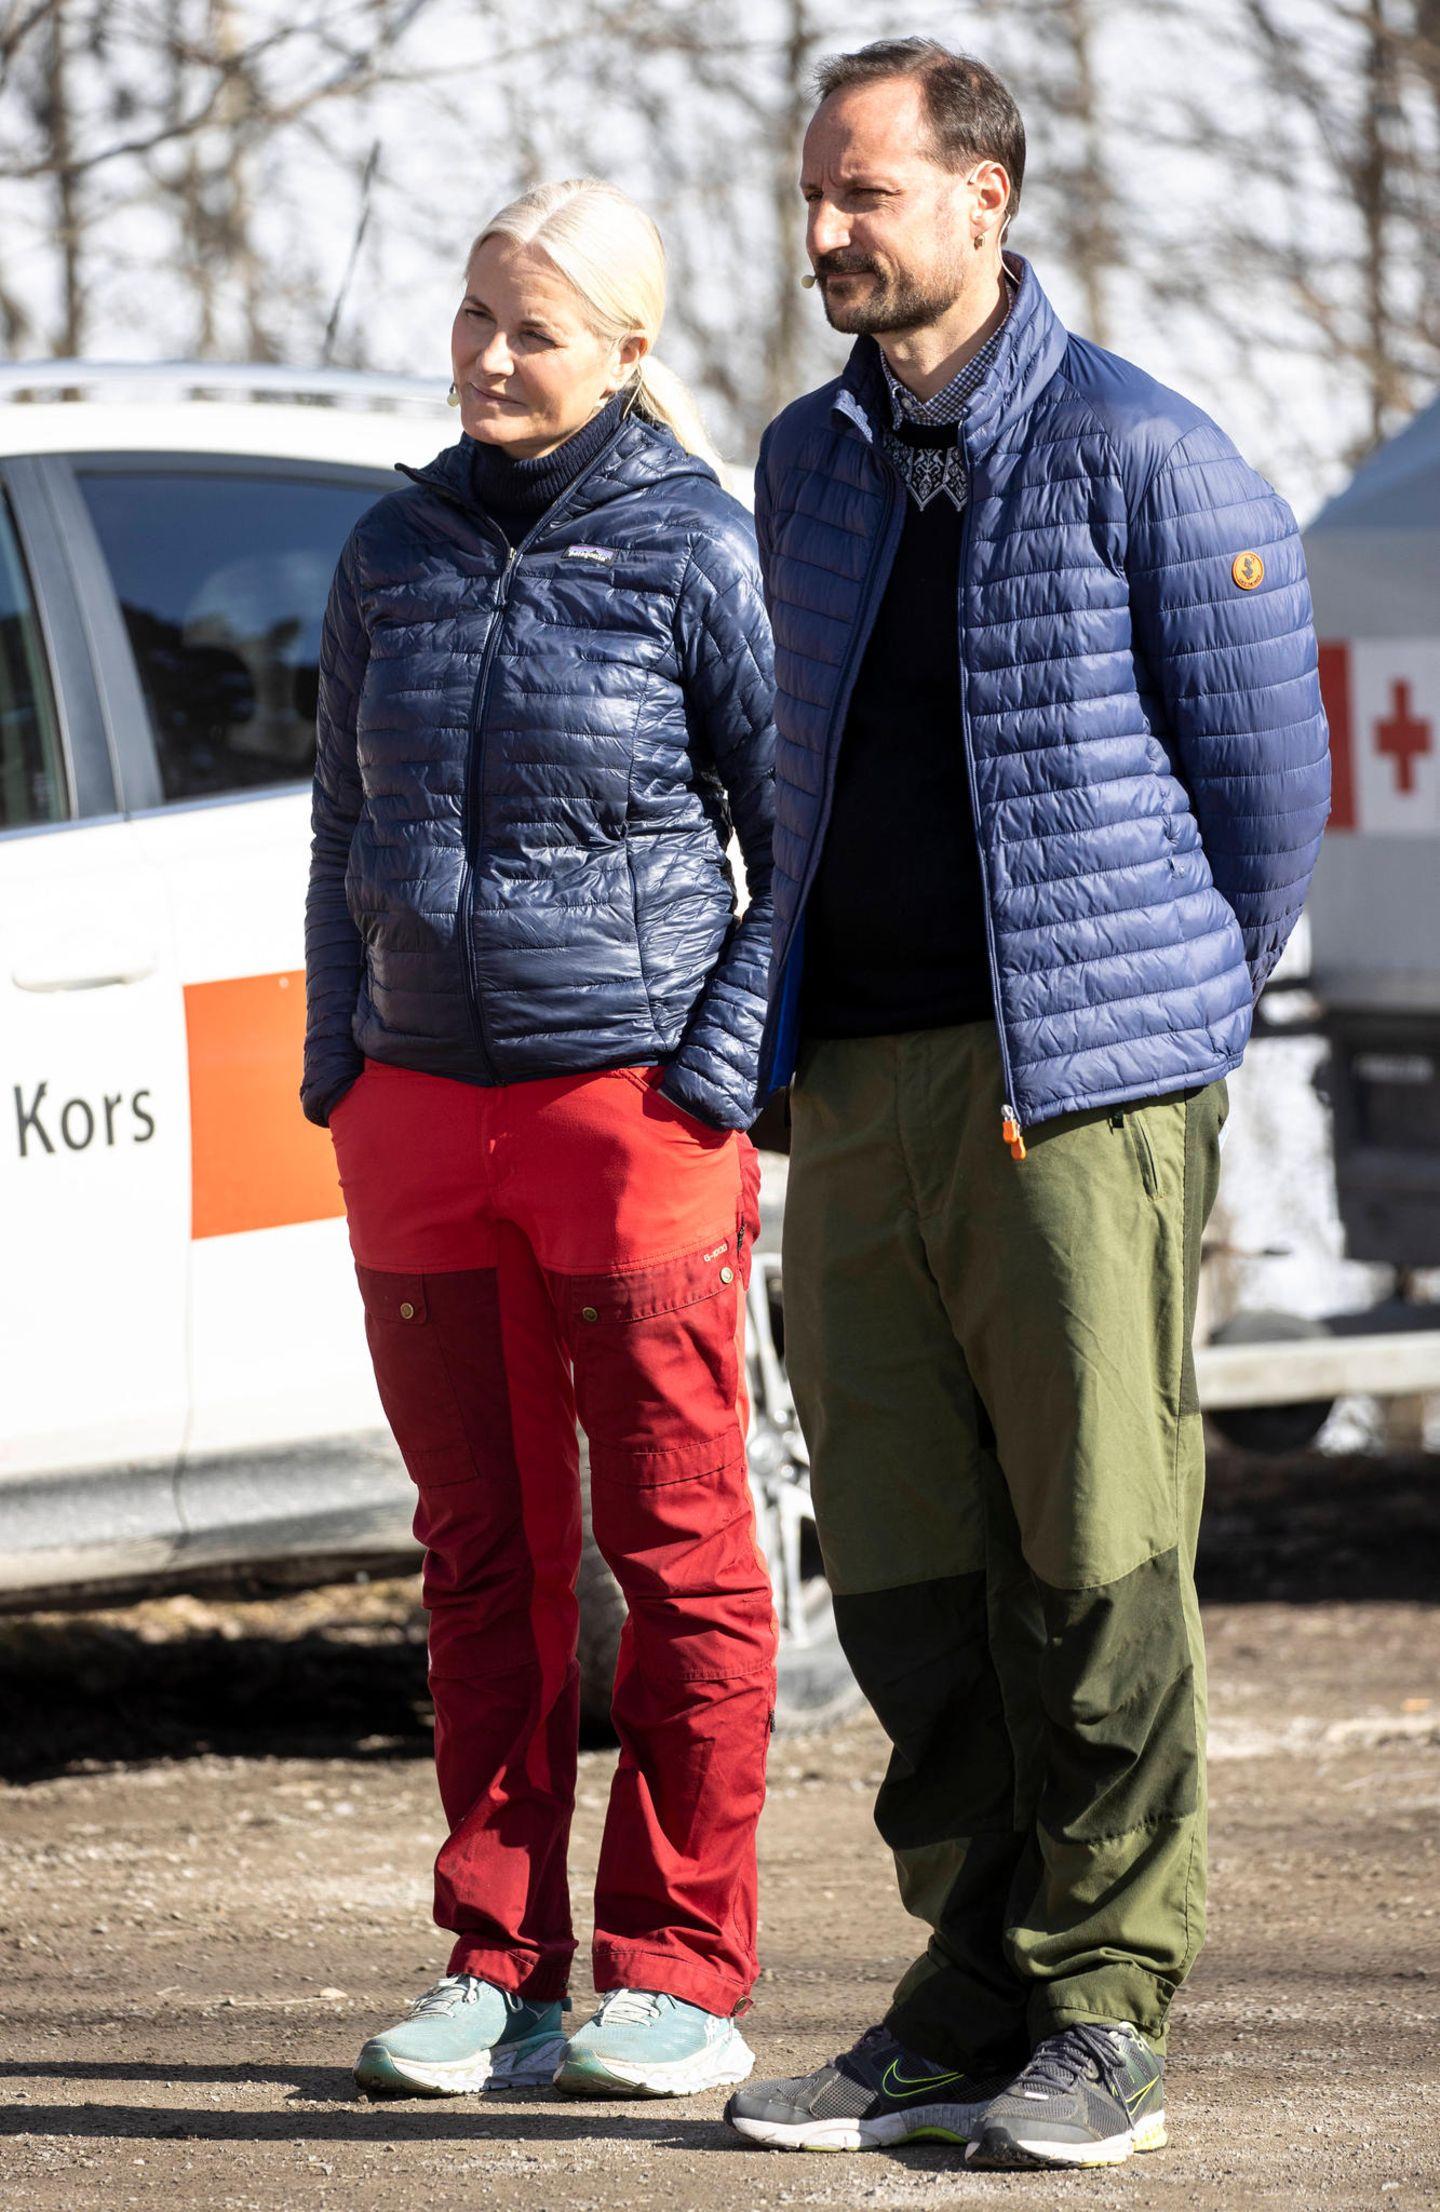 Stars im Partnerlook: Prinz Haakon und Mette-Marit von Norwegen im Partnerlook